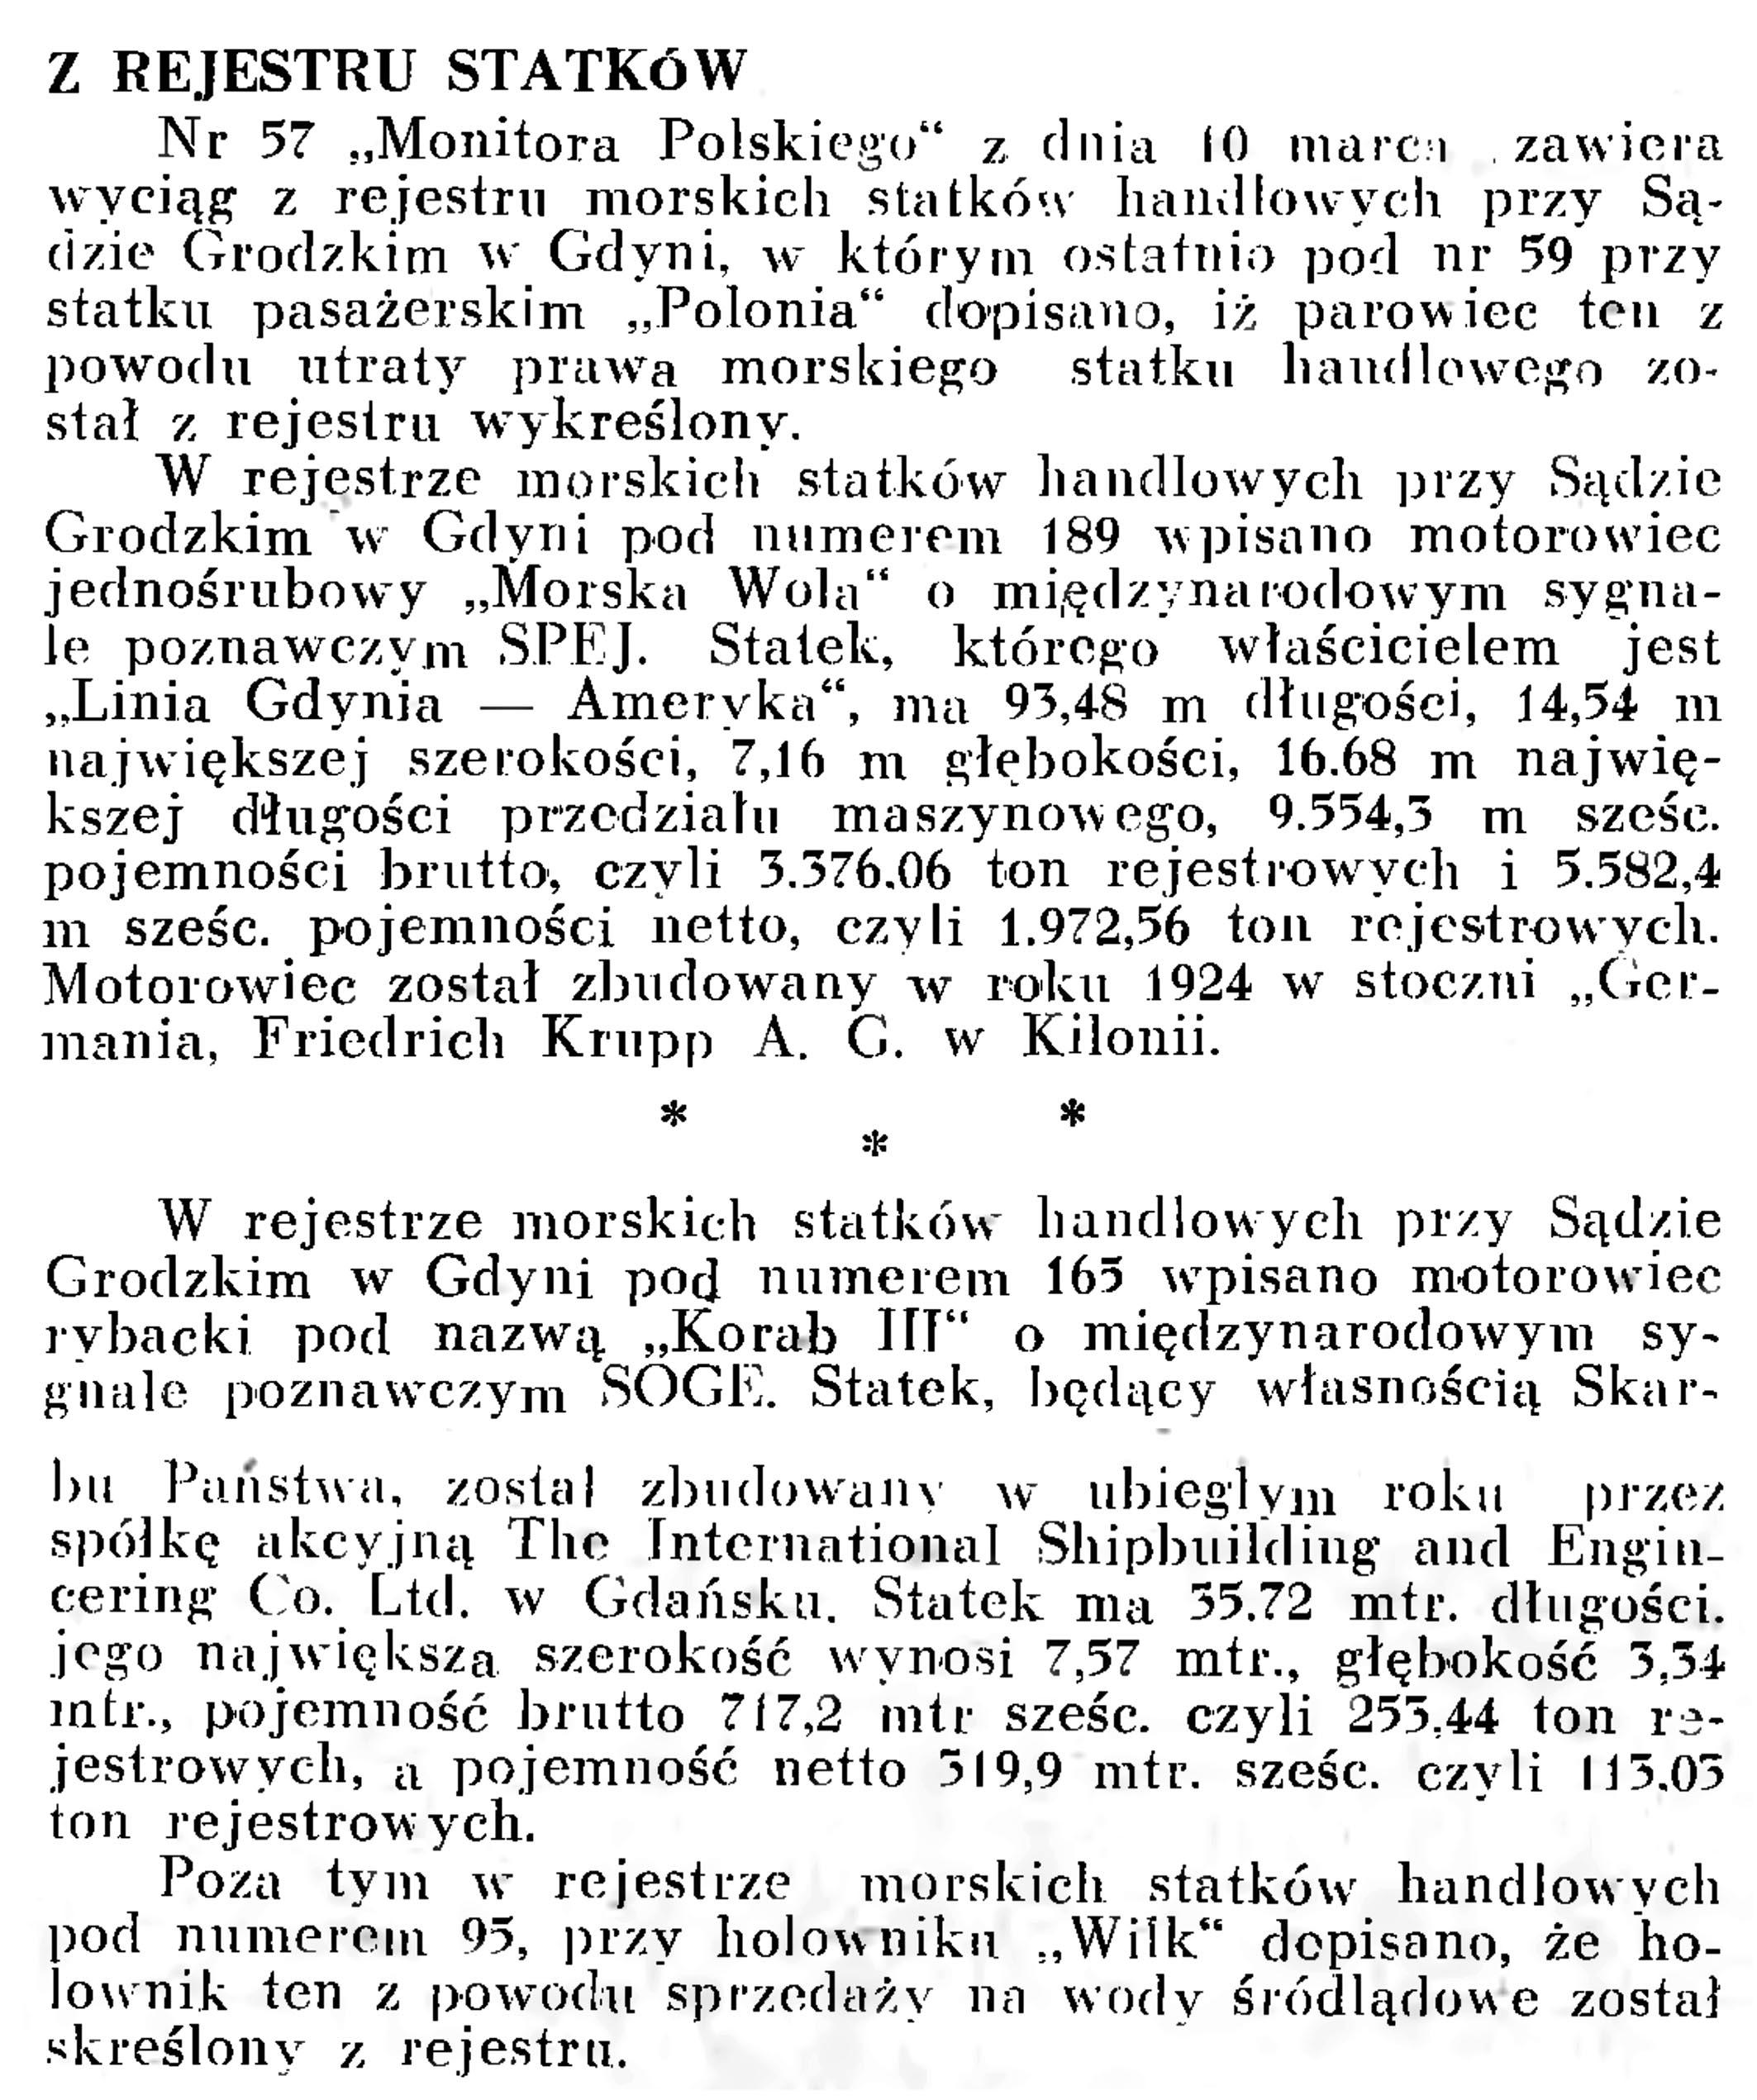 Z rejestru statków // Wiadomości Portowe. - 1939, nr 3, s. 18